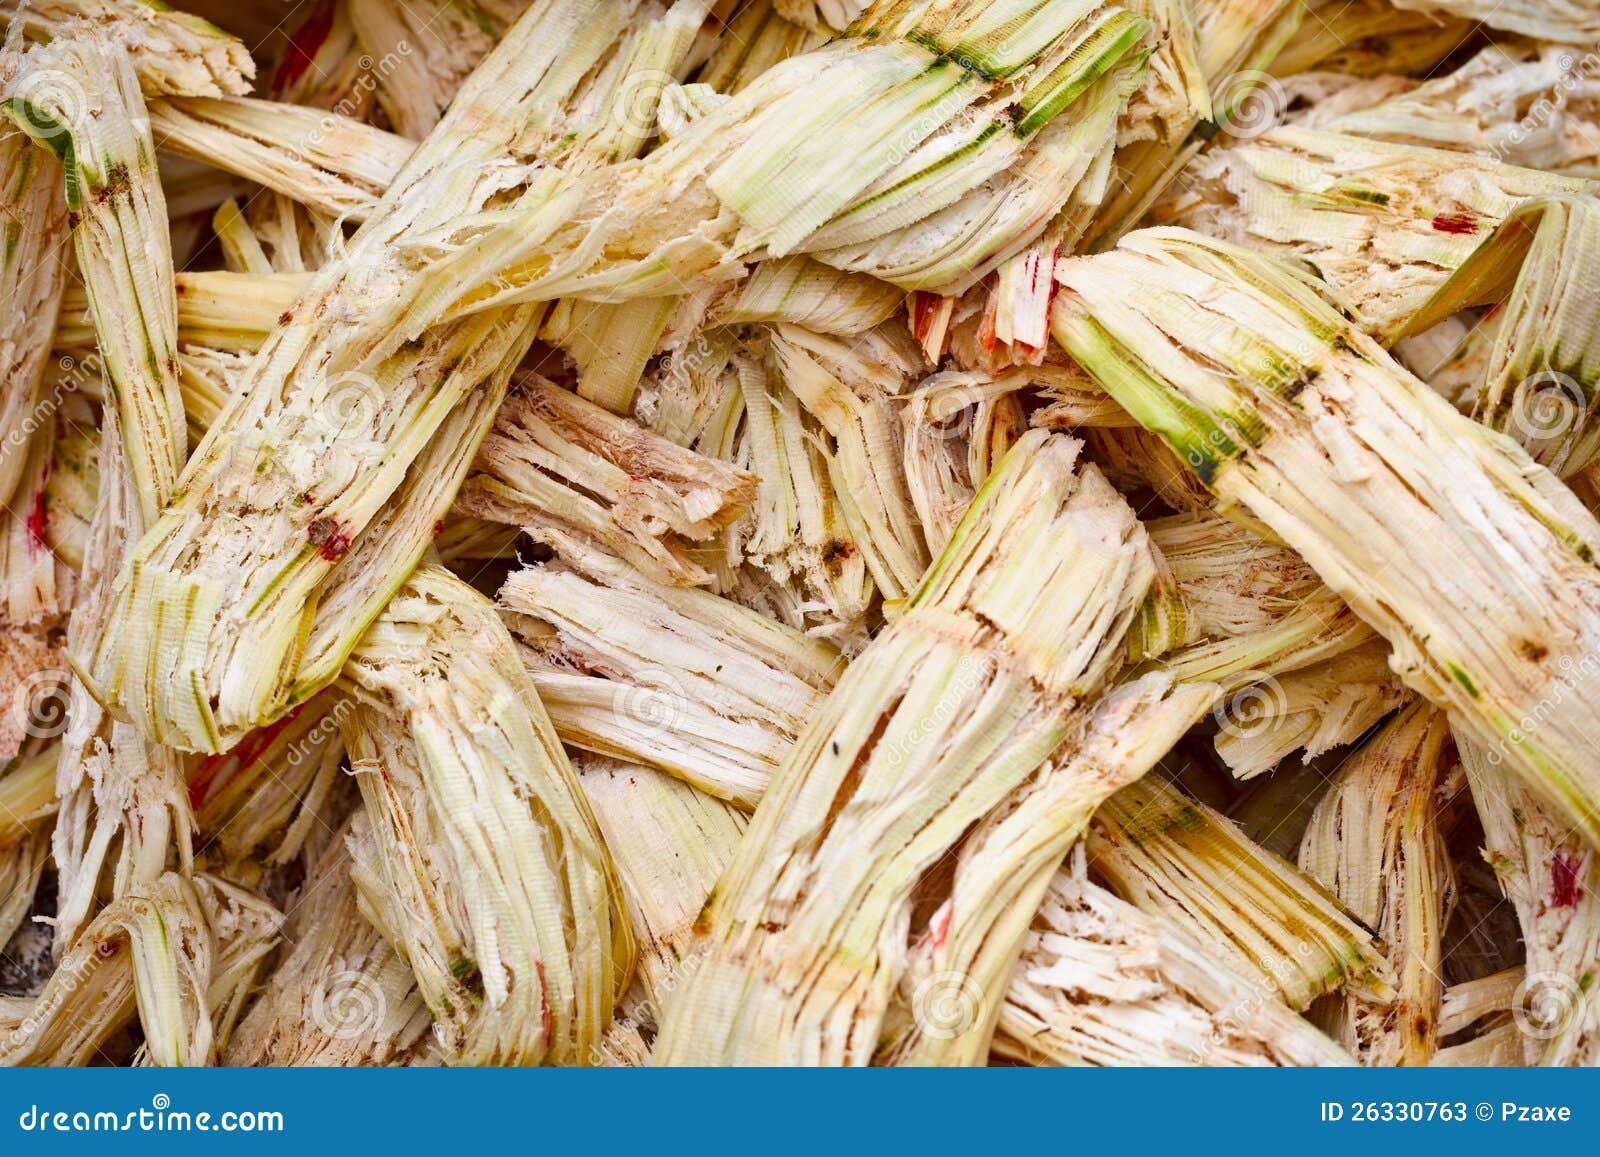 Bagassa della canna da zucchero fotografie stock for Cabina dell orso dello zucchero